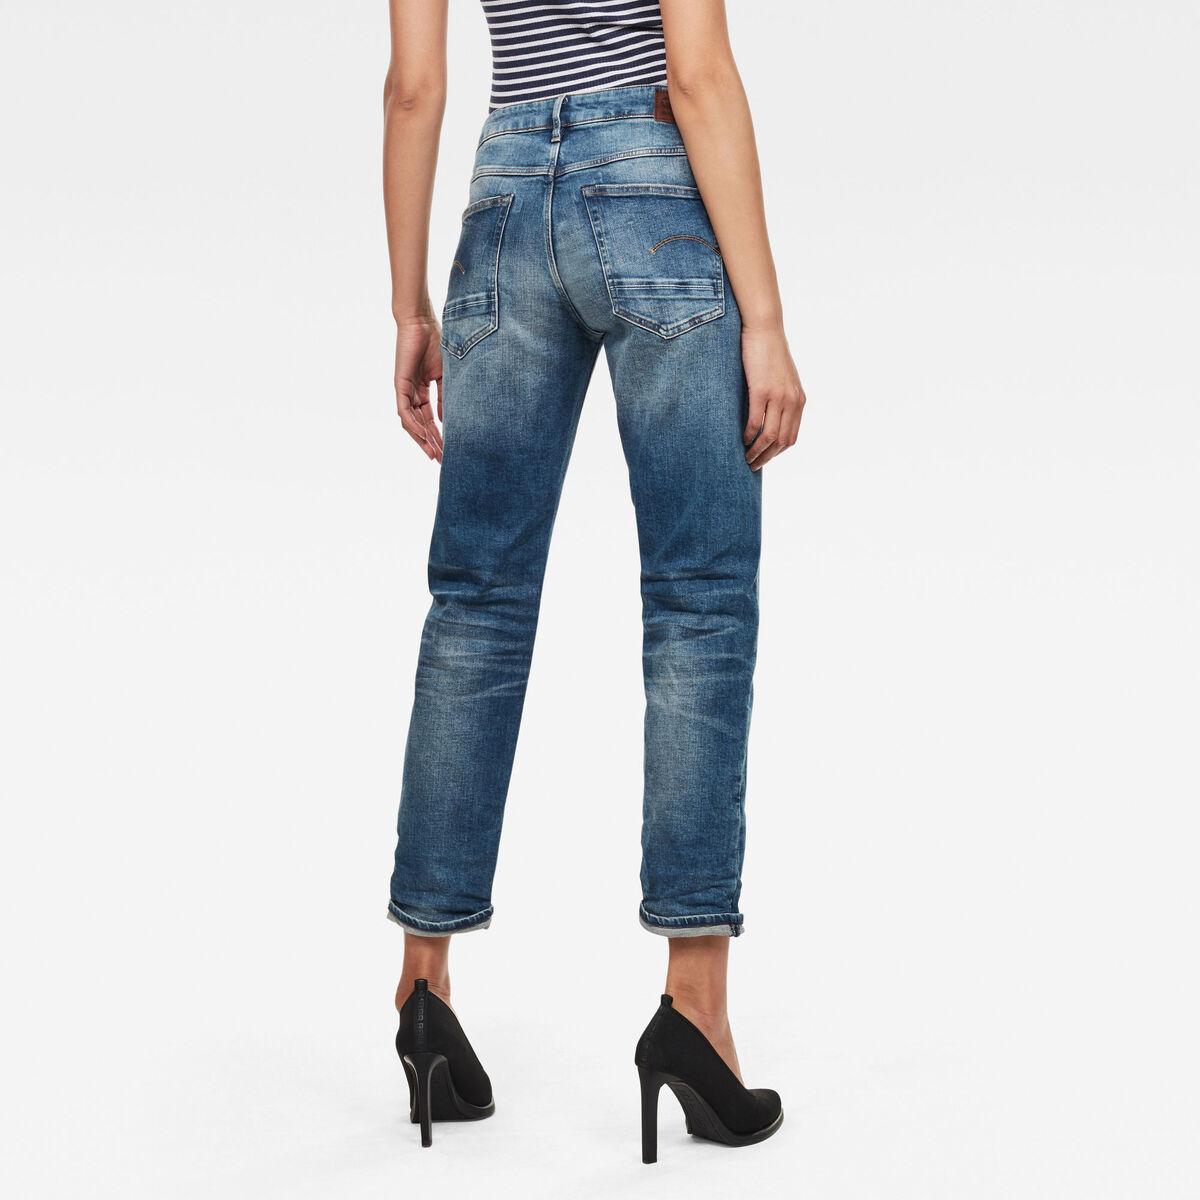 Bild 2 von Kate Boyfriend Jeans